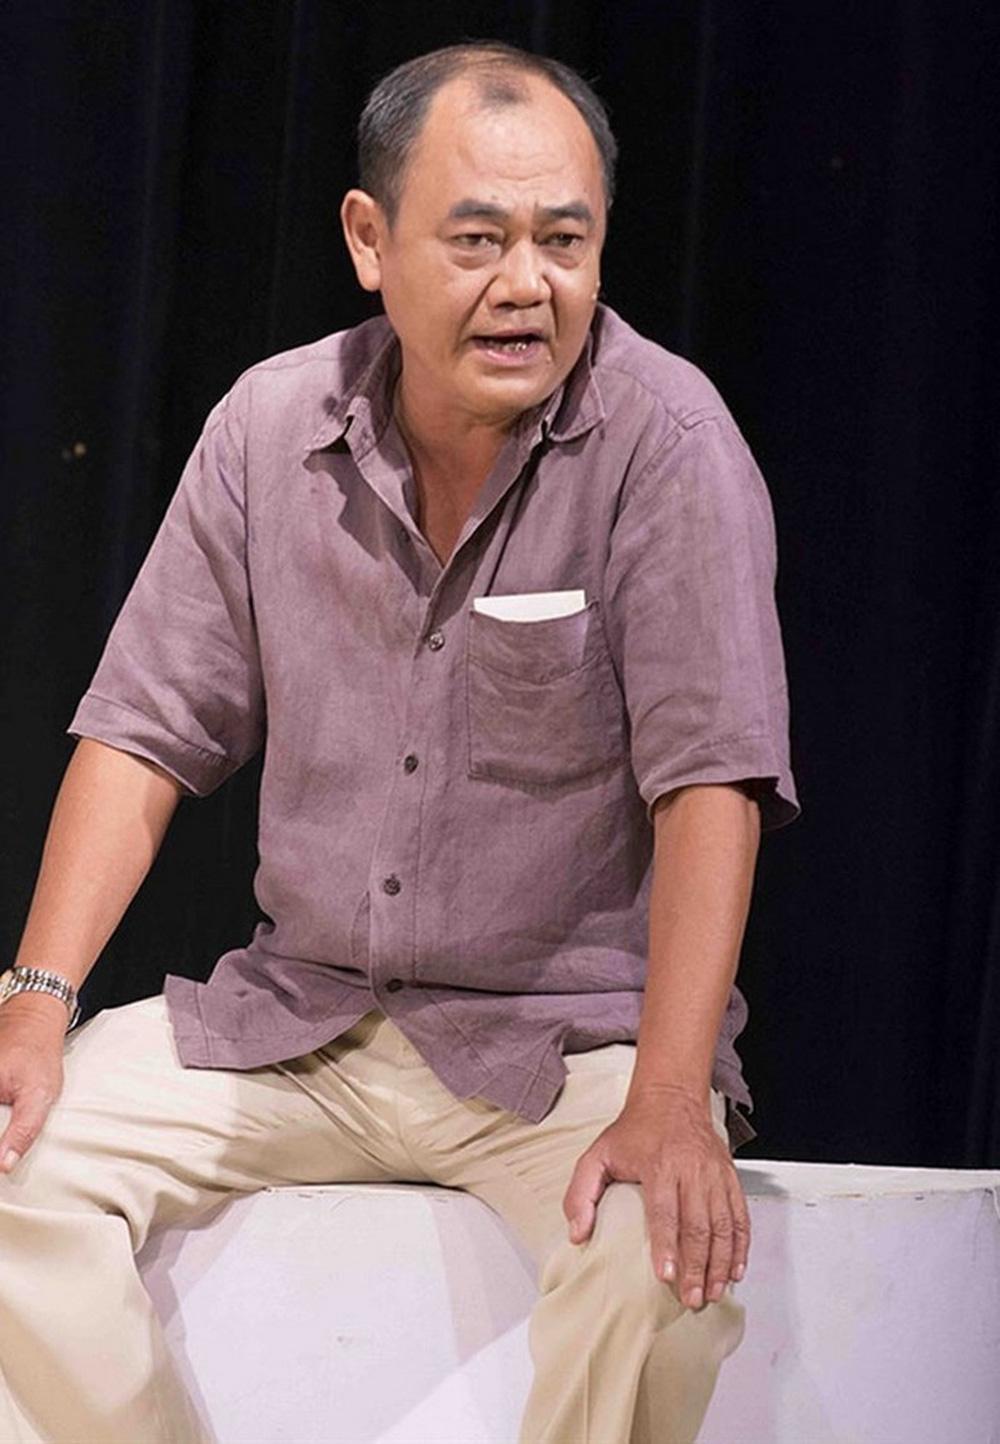 Cuộc sống nhà thuê, cơm hàng cháo chợ của NSND Việt Anh ở tuổi 63 và lý do không tái hôn - Ảnh 1.